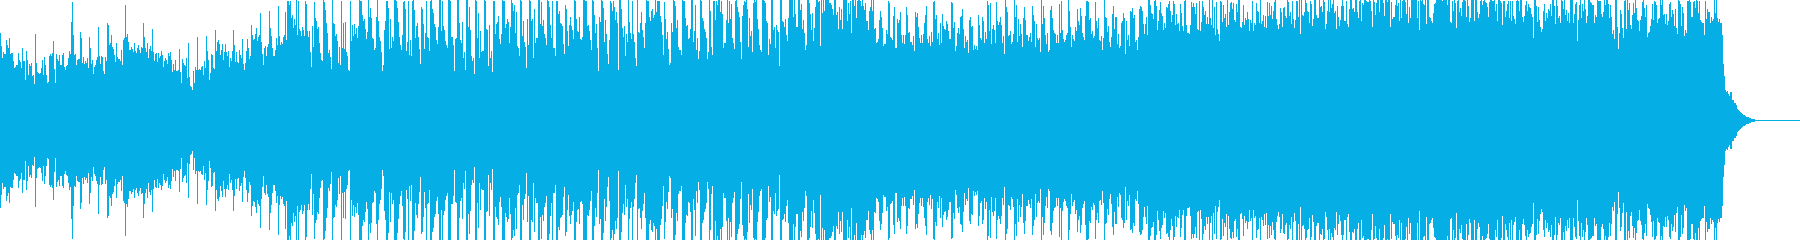 高揚感あるowlcity風の再生済みの波形